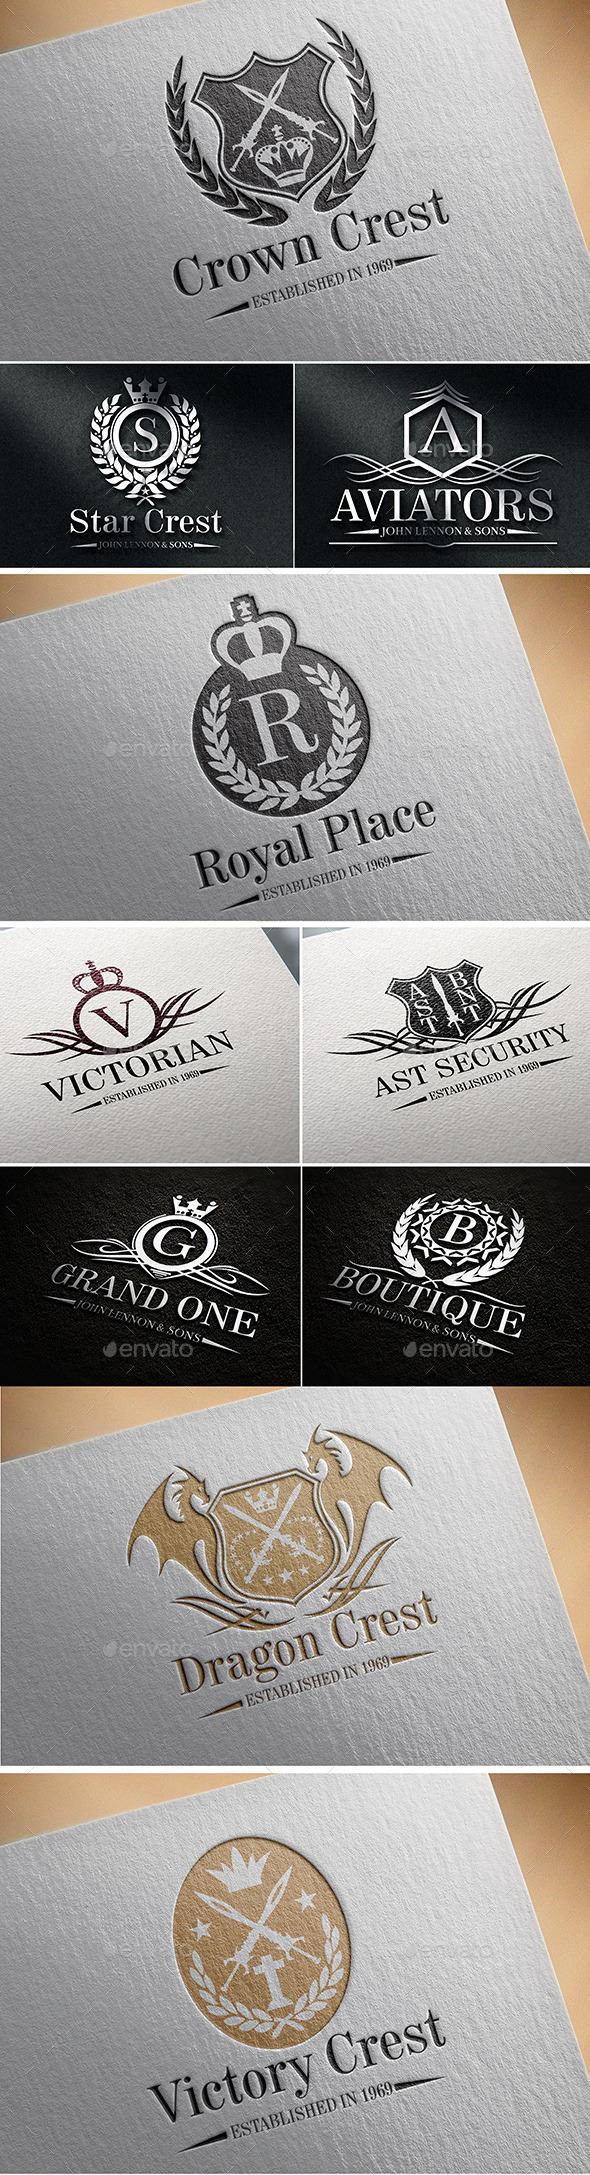 Heraldic Crest Logos Vol 4